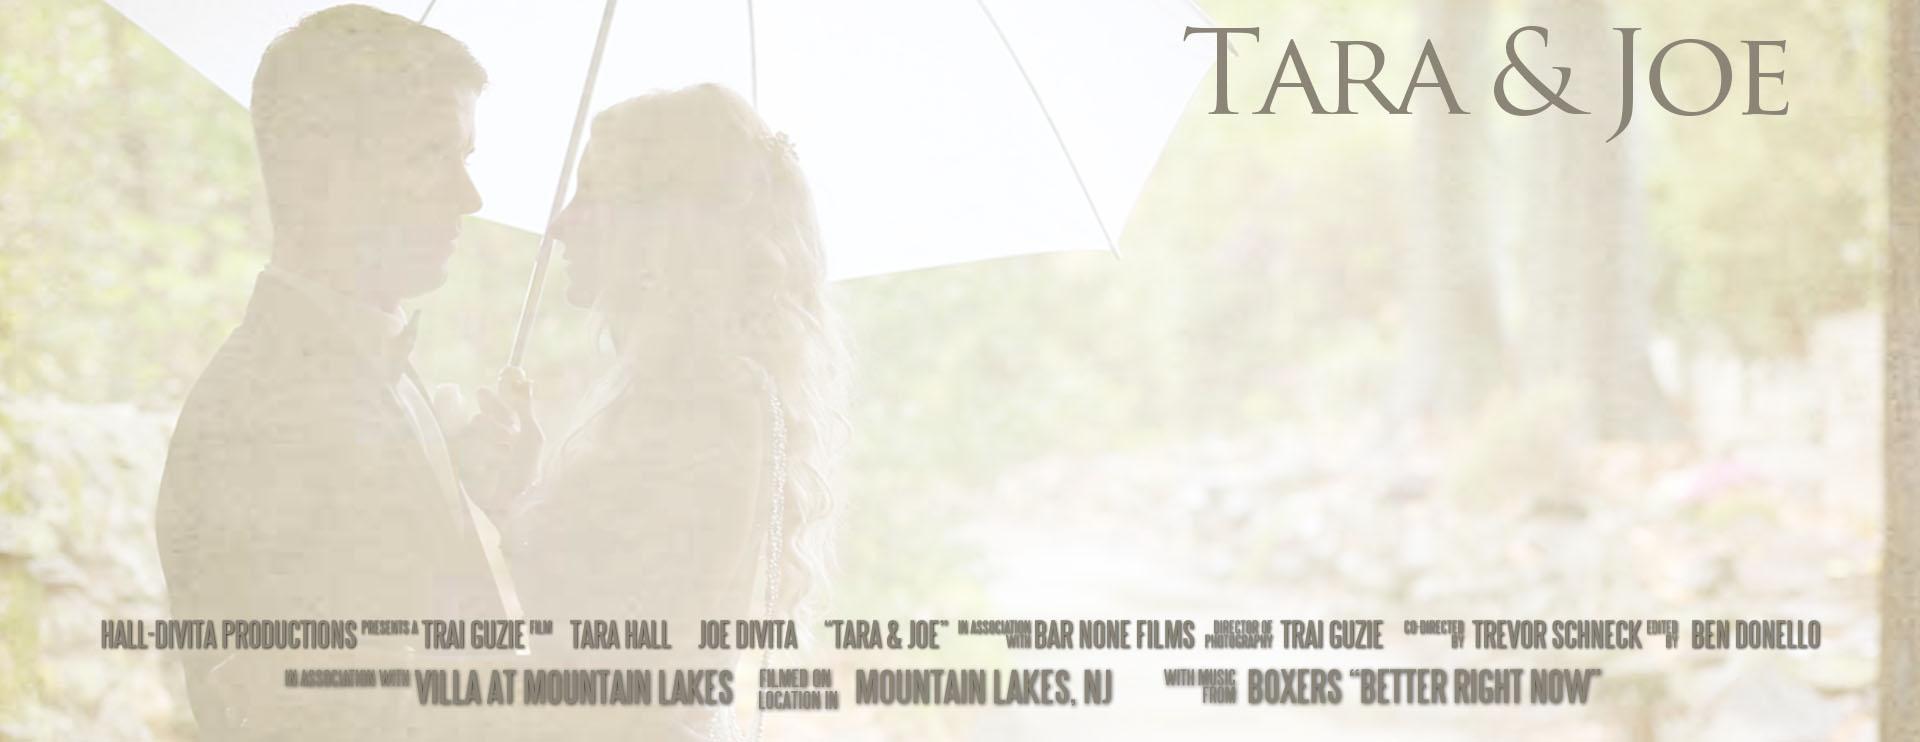 Thumbnail Poster Villa at Mountain Springs Lakes NJ Tara & Joe